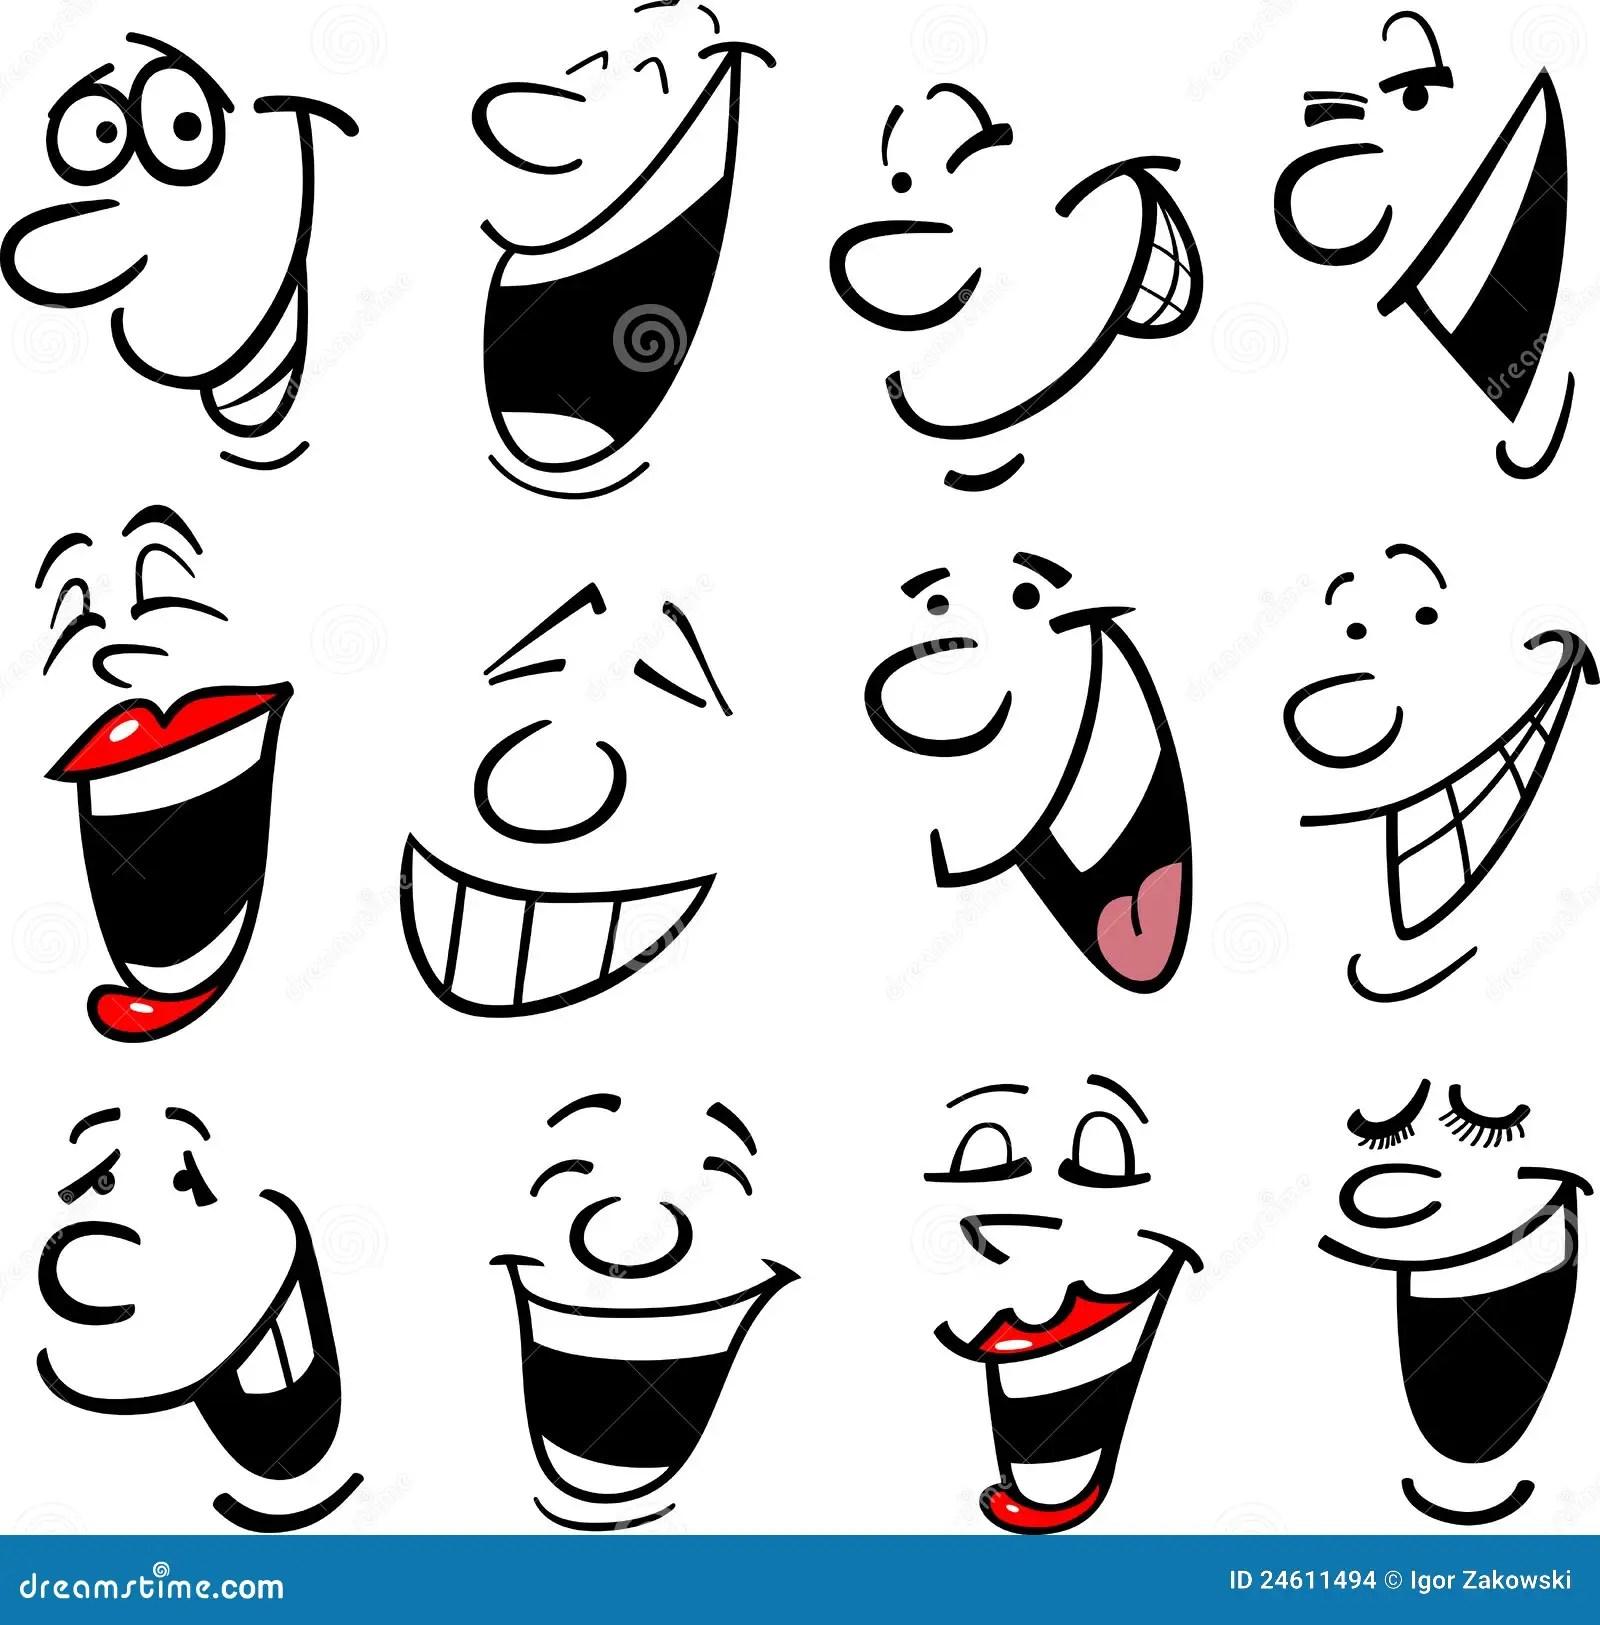 Cartoon Emotions Illustration Stock Vector